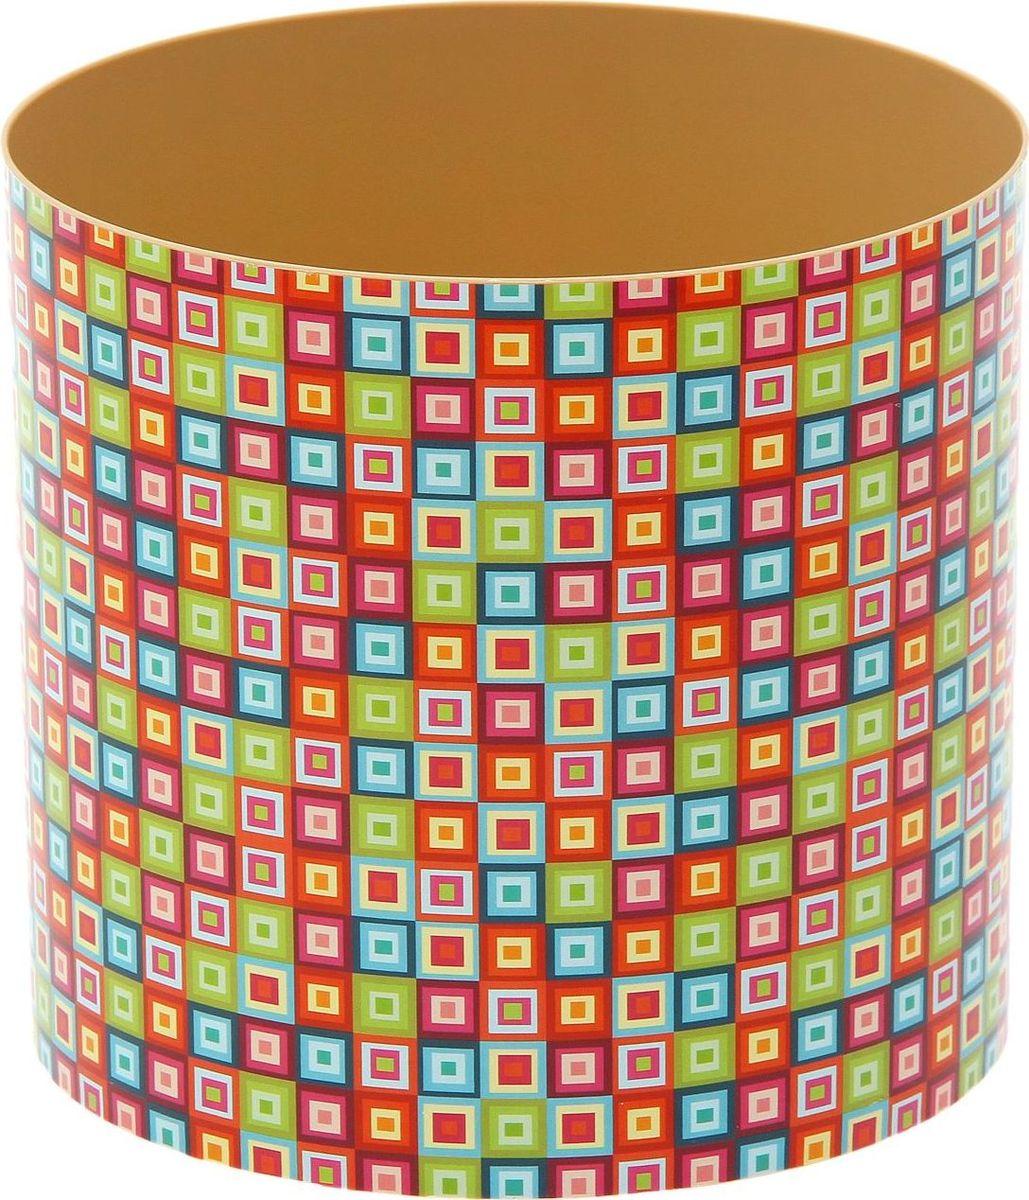 Горшок для цветов Simple Garden Мозаика, со скрытым поддоном, 2,8 л1915423Каждому хозяину периодически приходит мысль обновить свою квартиру, сделать ремонт, перестановку или кардинально поменять внешний вид каждой комнаты. Горшок со скрытым поддоном Simple Garden Мозаика - привлекательная деталь, которая поможет воплотить вашу интерьерную идею, создать неповторимую атмосферу в вашем доме. Окружите себя приятными мелочами, пусть они радуют глаз и дарят гармонию.